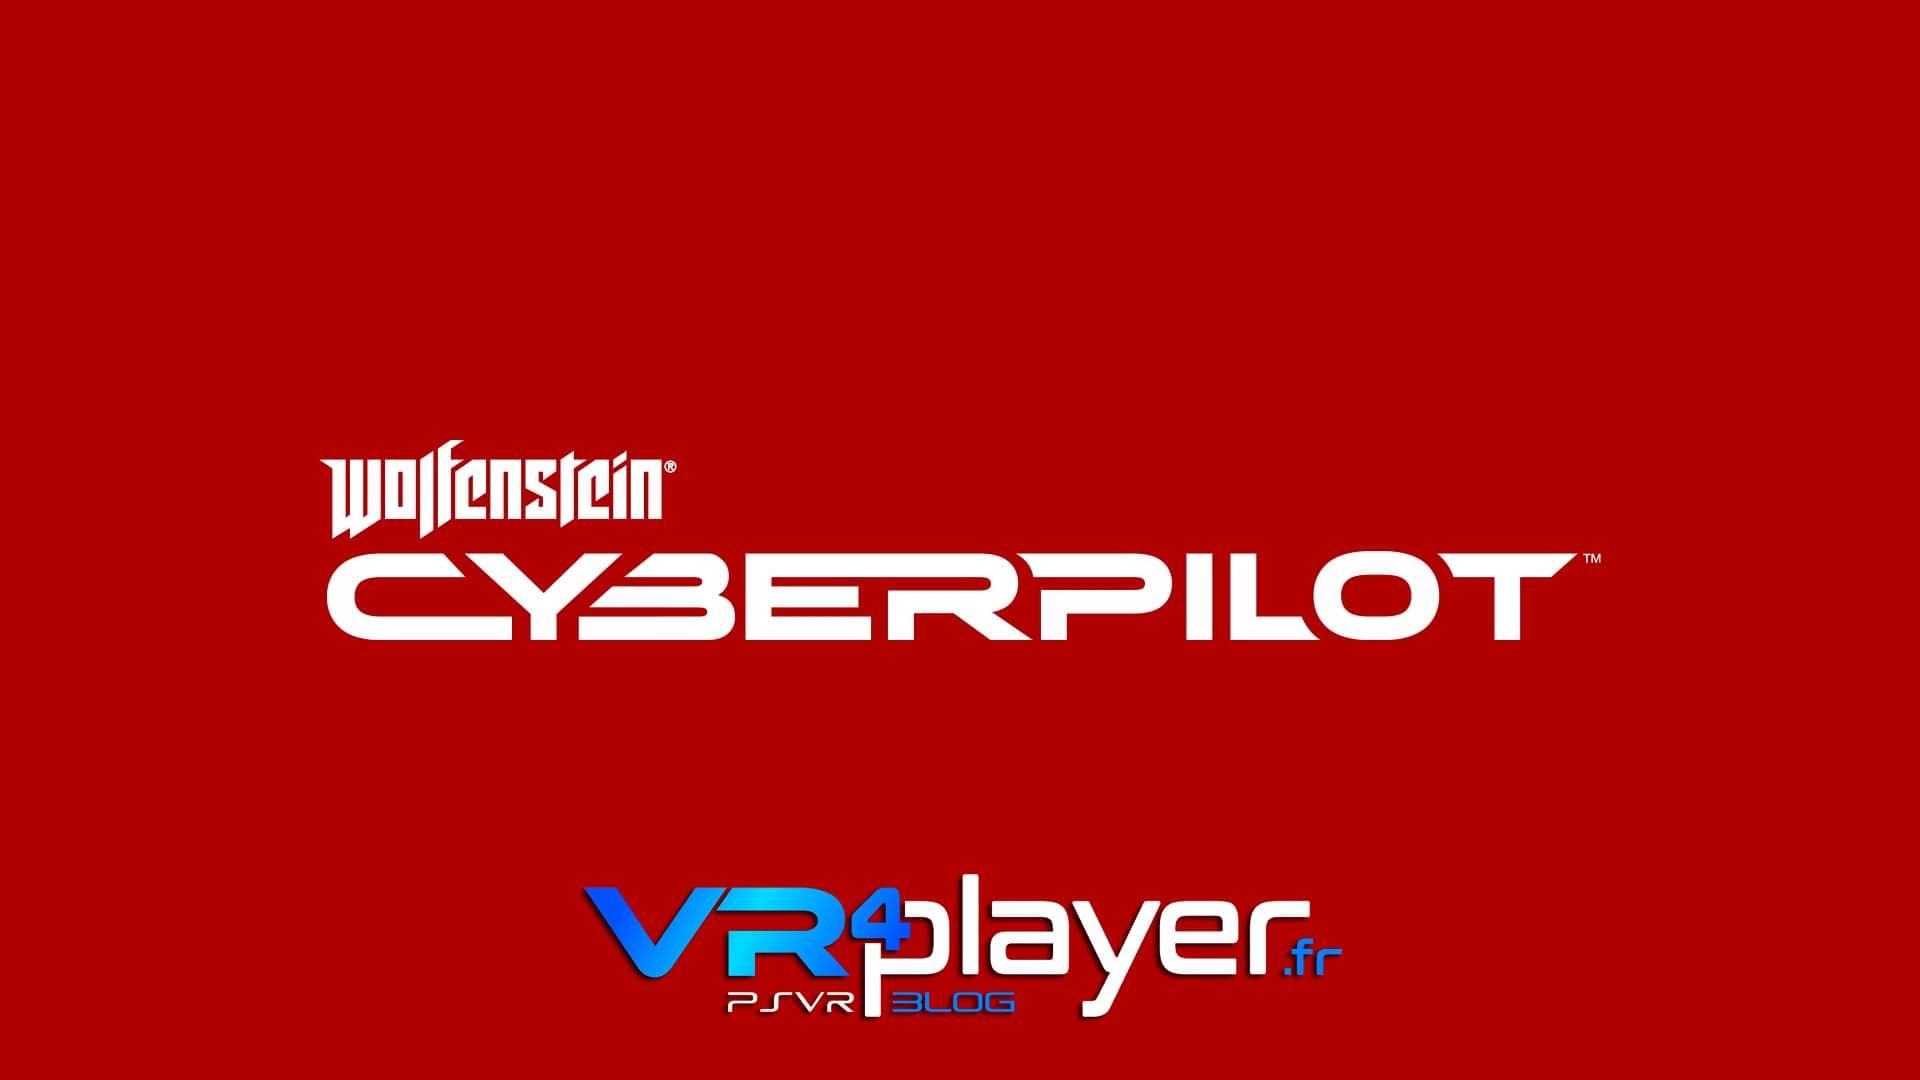 Wolfenstein Cyberpilot PSVR vr4player.fr